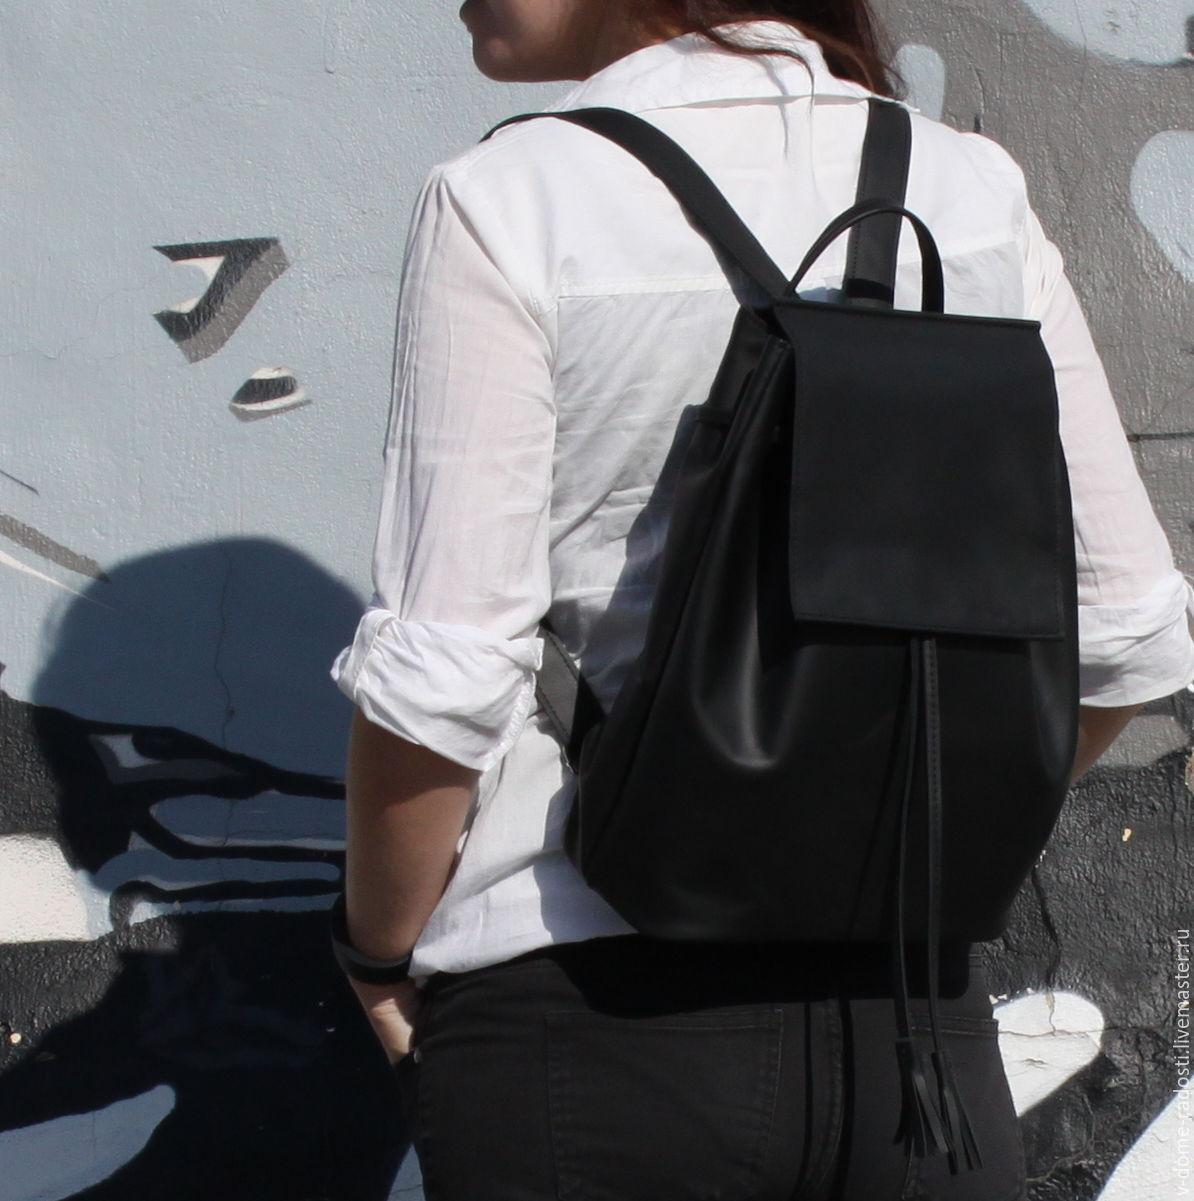 49b08f9b77ee ... Кожаный женский рюкзак, купить рюкзачок на лето, небольшой кожаный  рюкзак, черный кожаный рюкзак ...